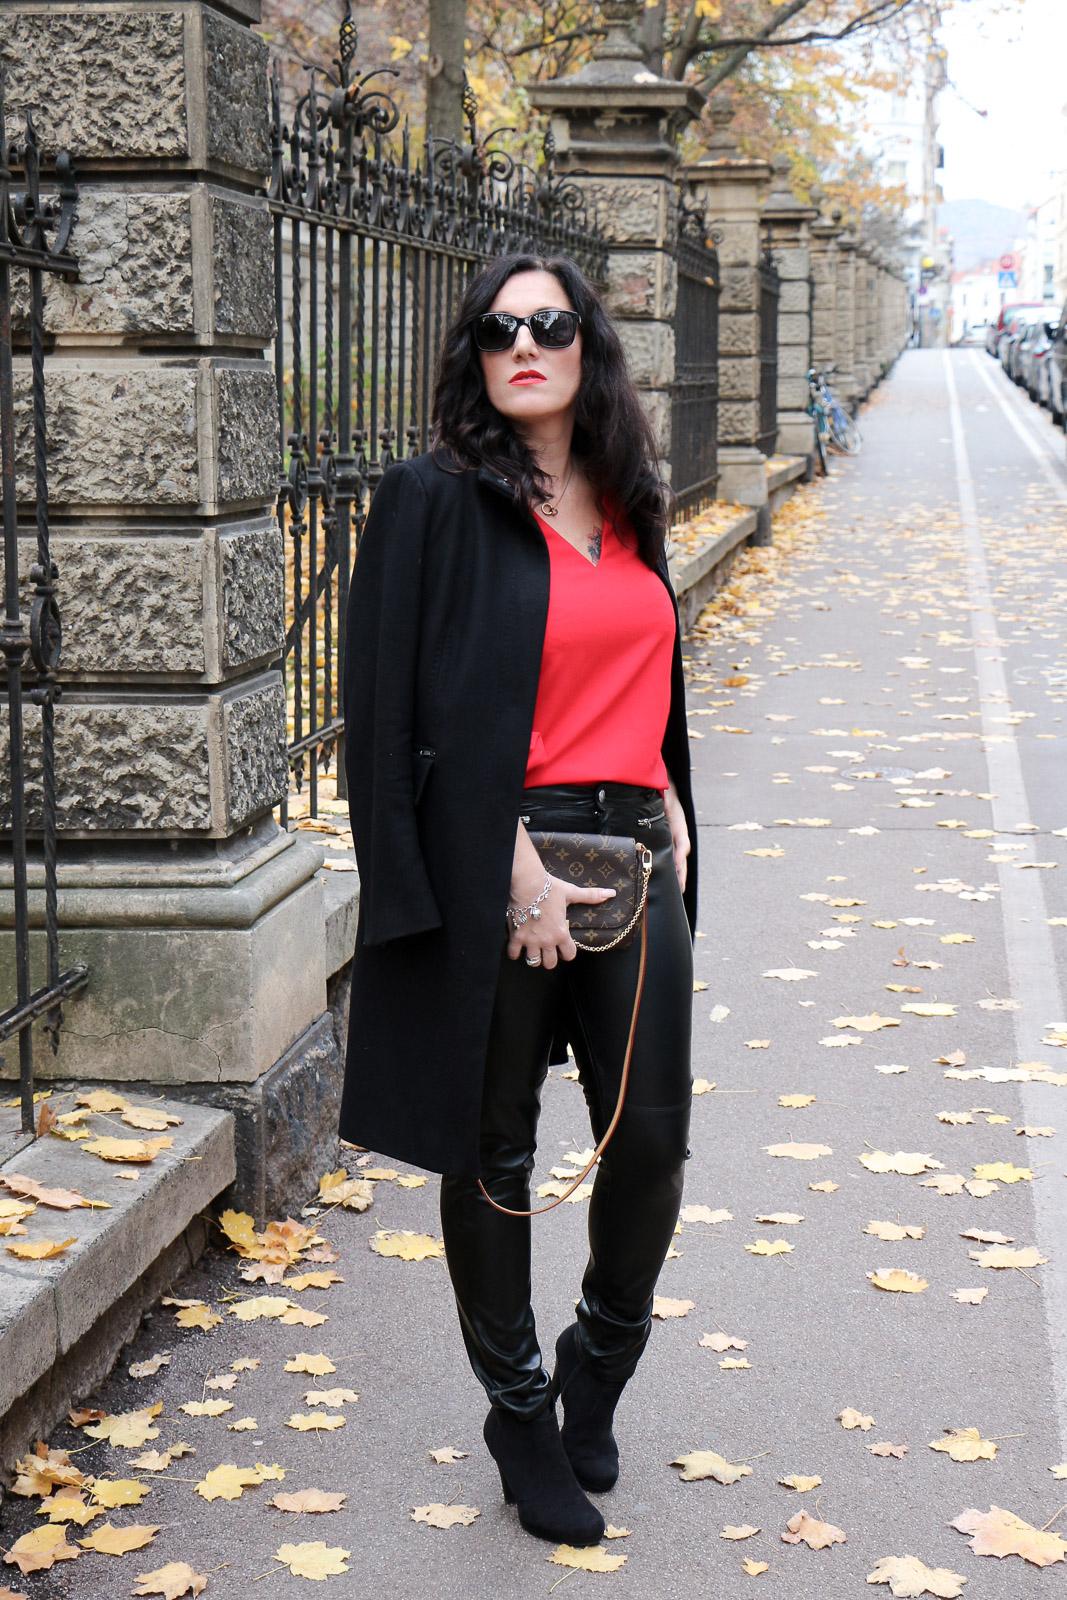 schwarzem Wollmantel roter Bluse mit und OUTFITLederhose deWCxorB